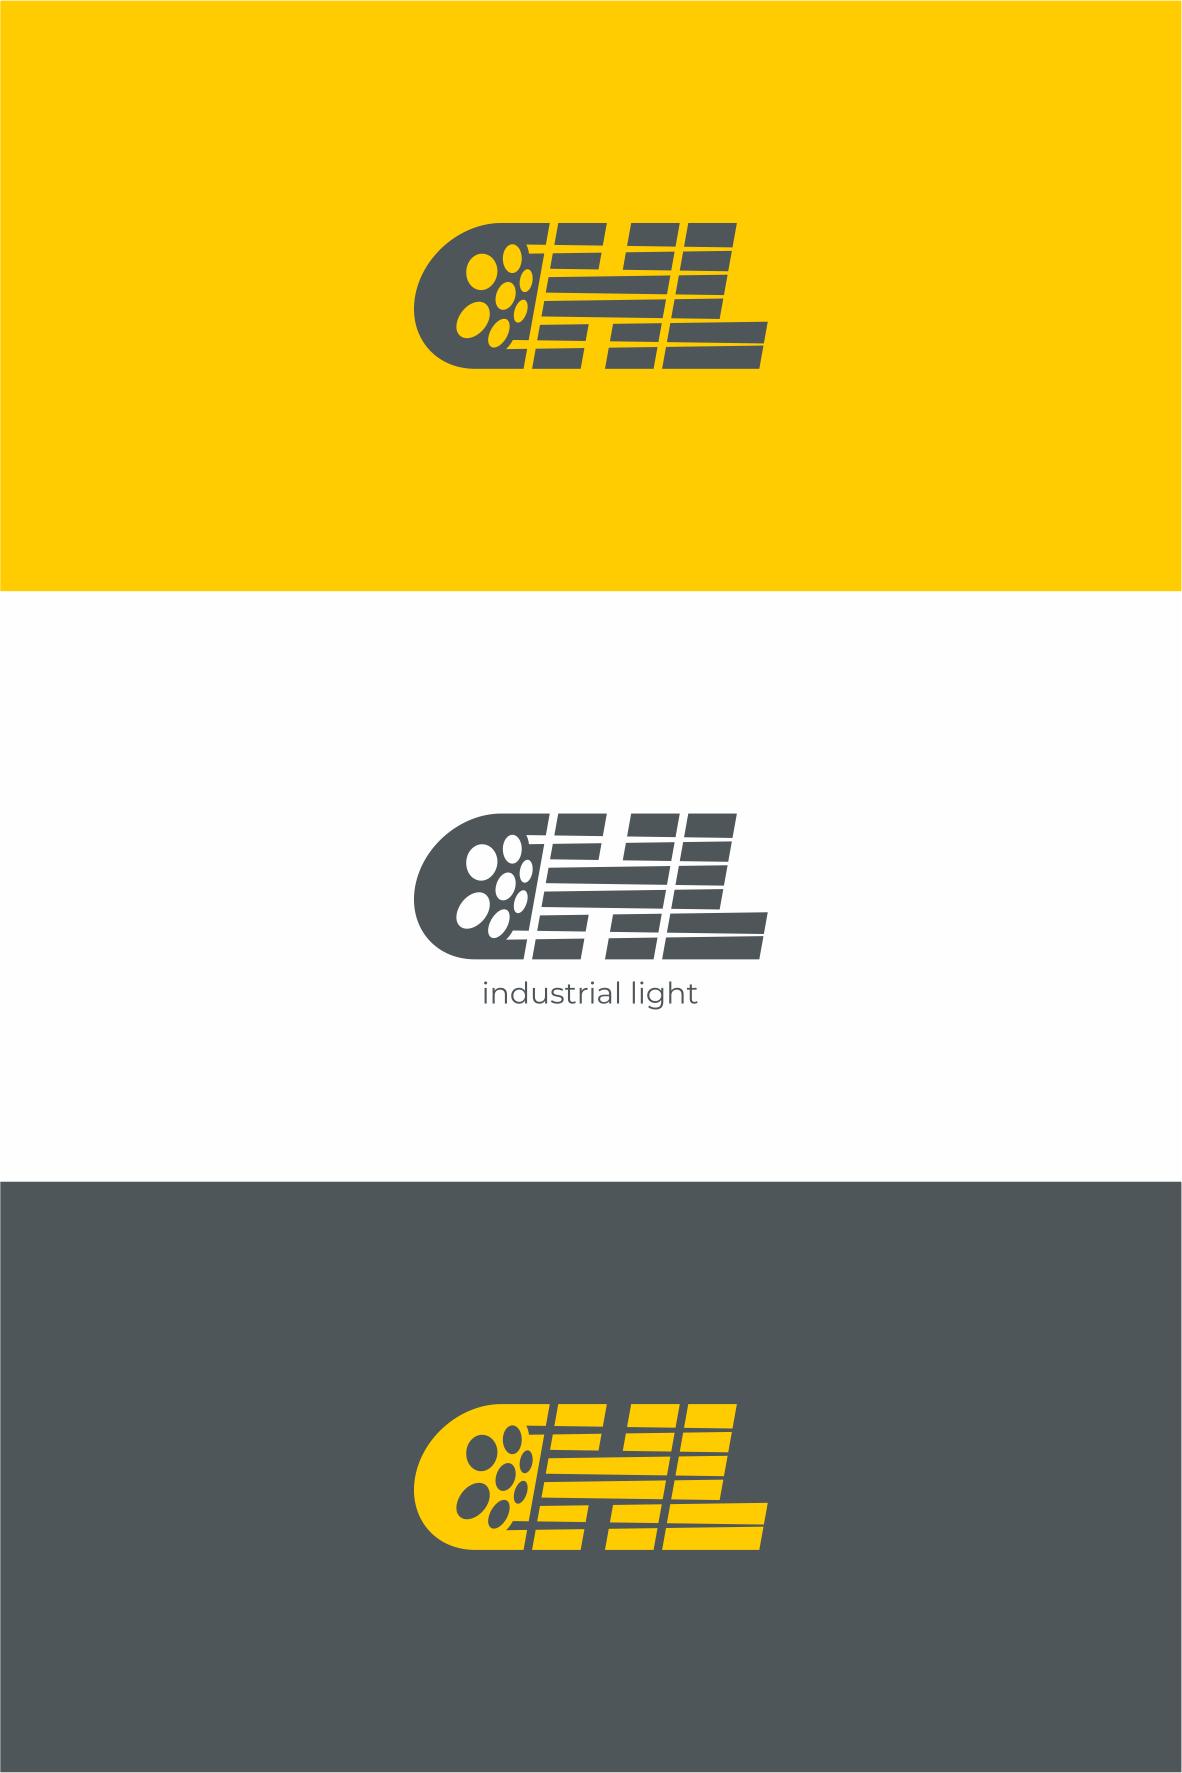 разработка логотипа для производителя фар фото f_0925f5b4fece6867.png